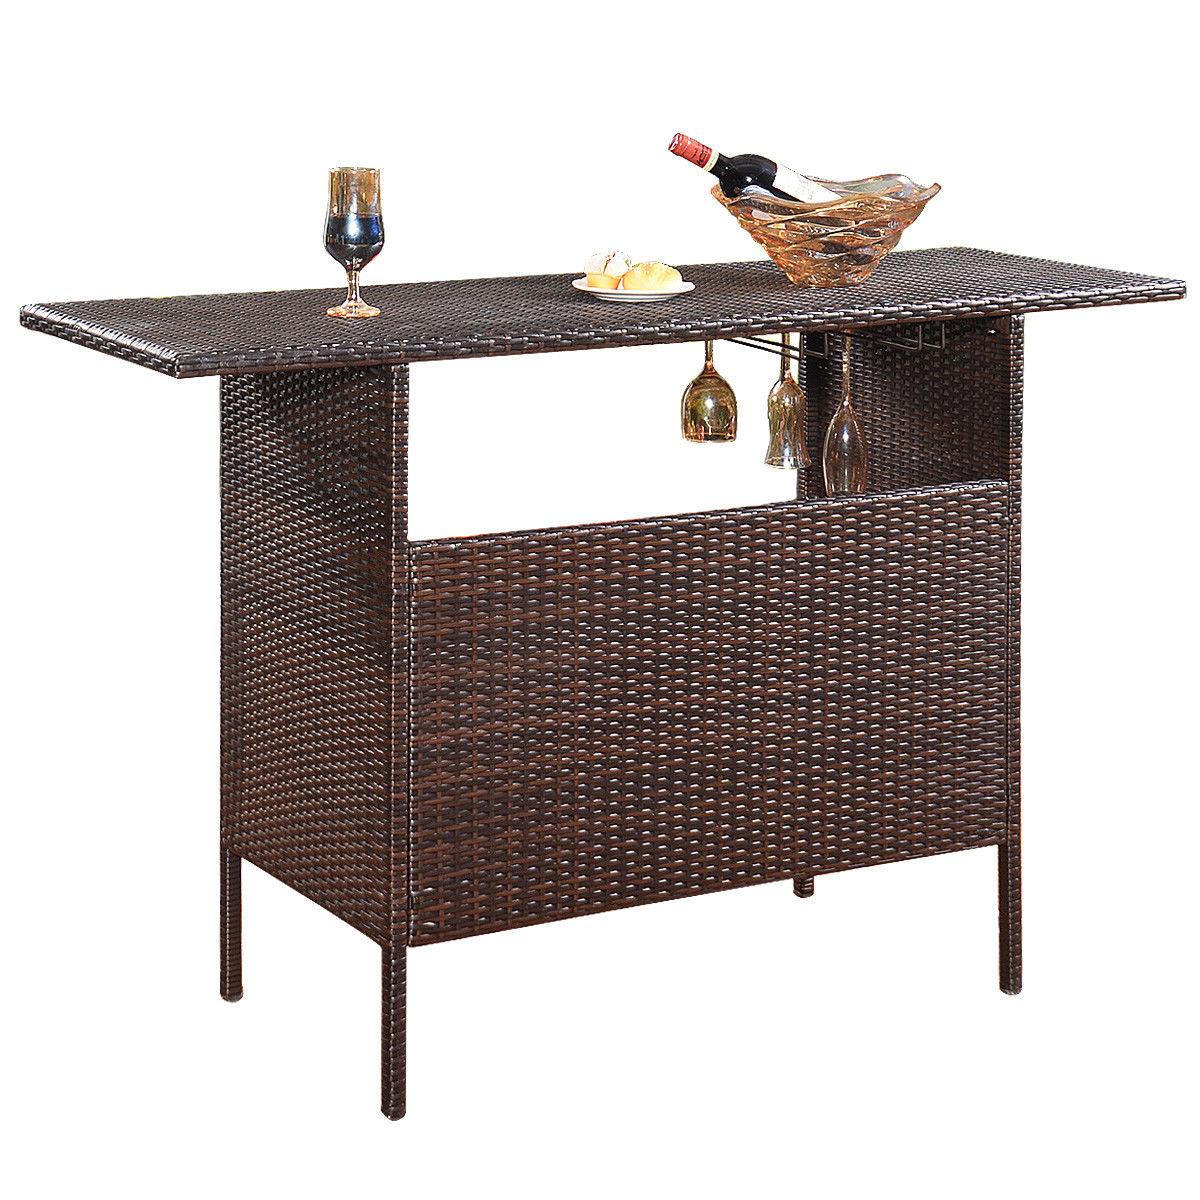 33a288a44fca Costway Outdoor Rattan Wicker Bar Counter Table Shelves Garden Patio  Furniture Brown 0